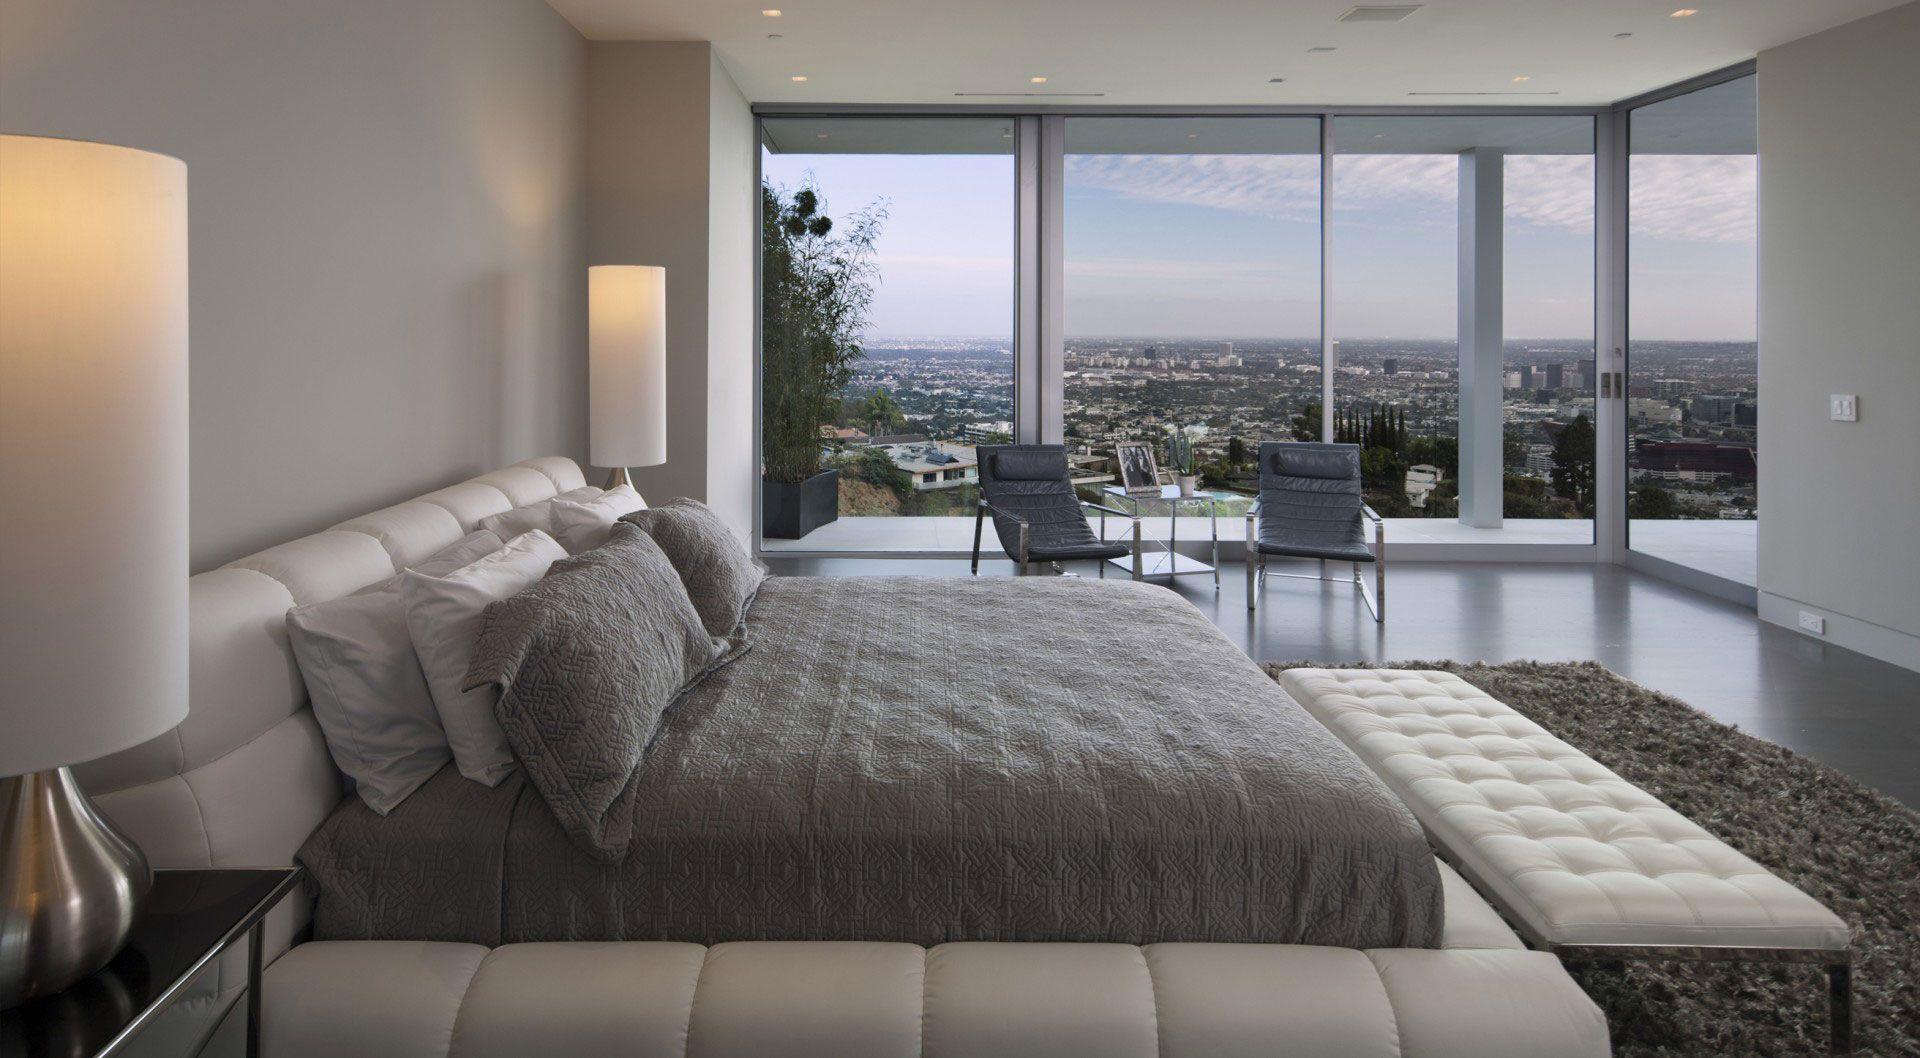 schlafzimmer fenster modern  schlafzimmer landhausstil